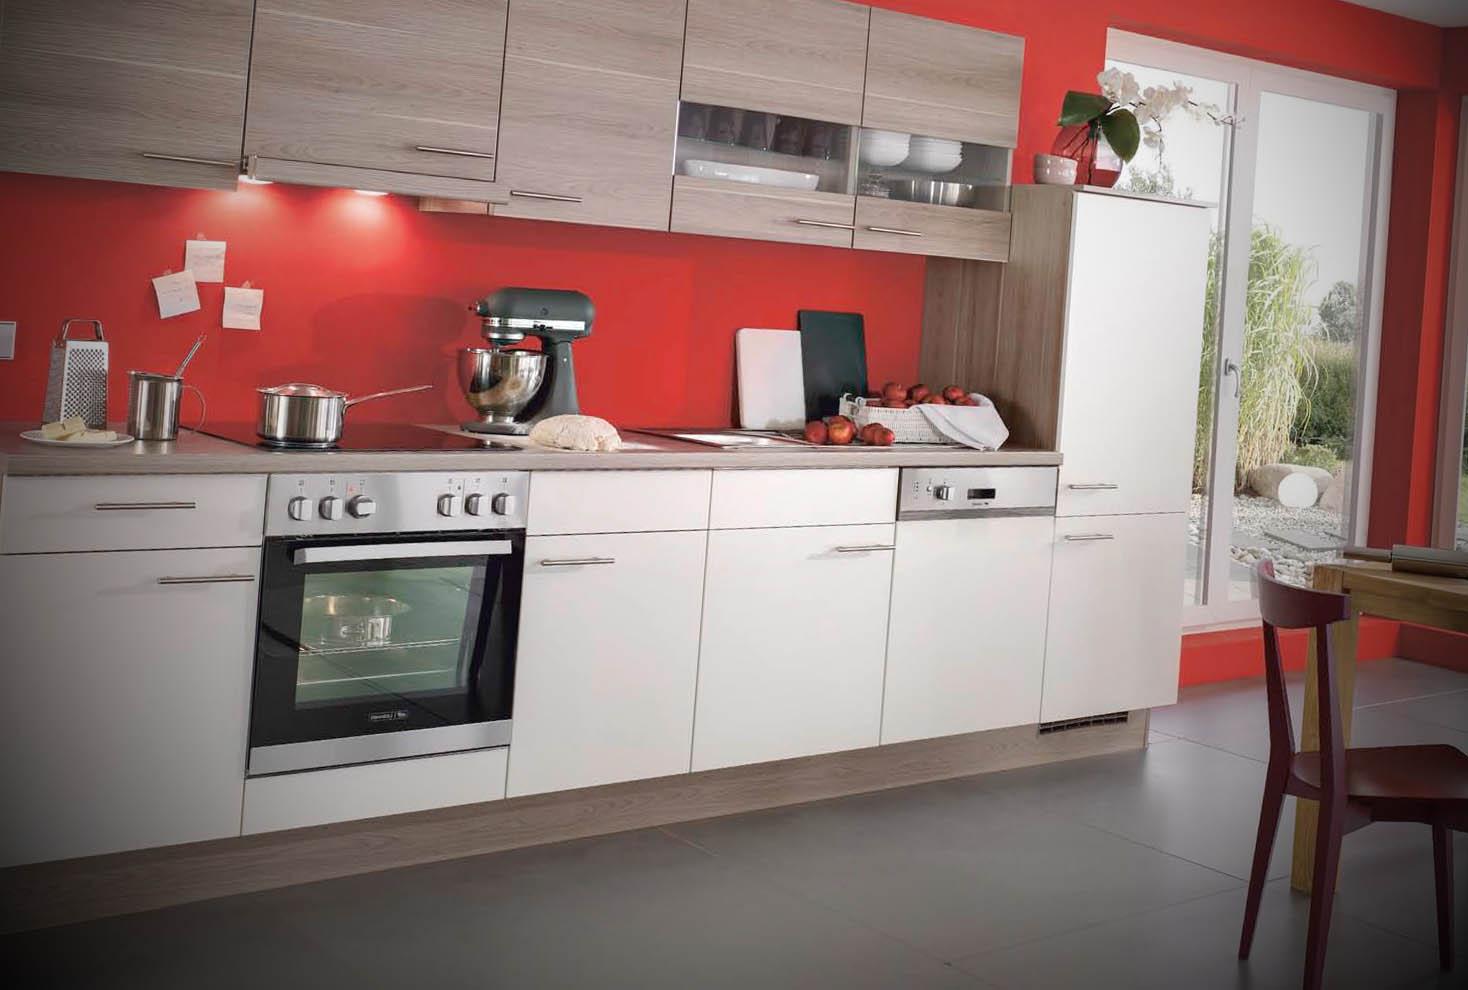 Cocinas baratos - Muebles por internet baratos ...